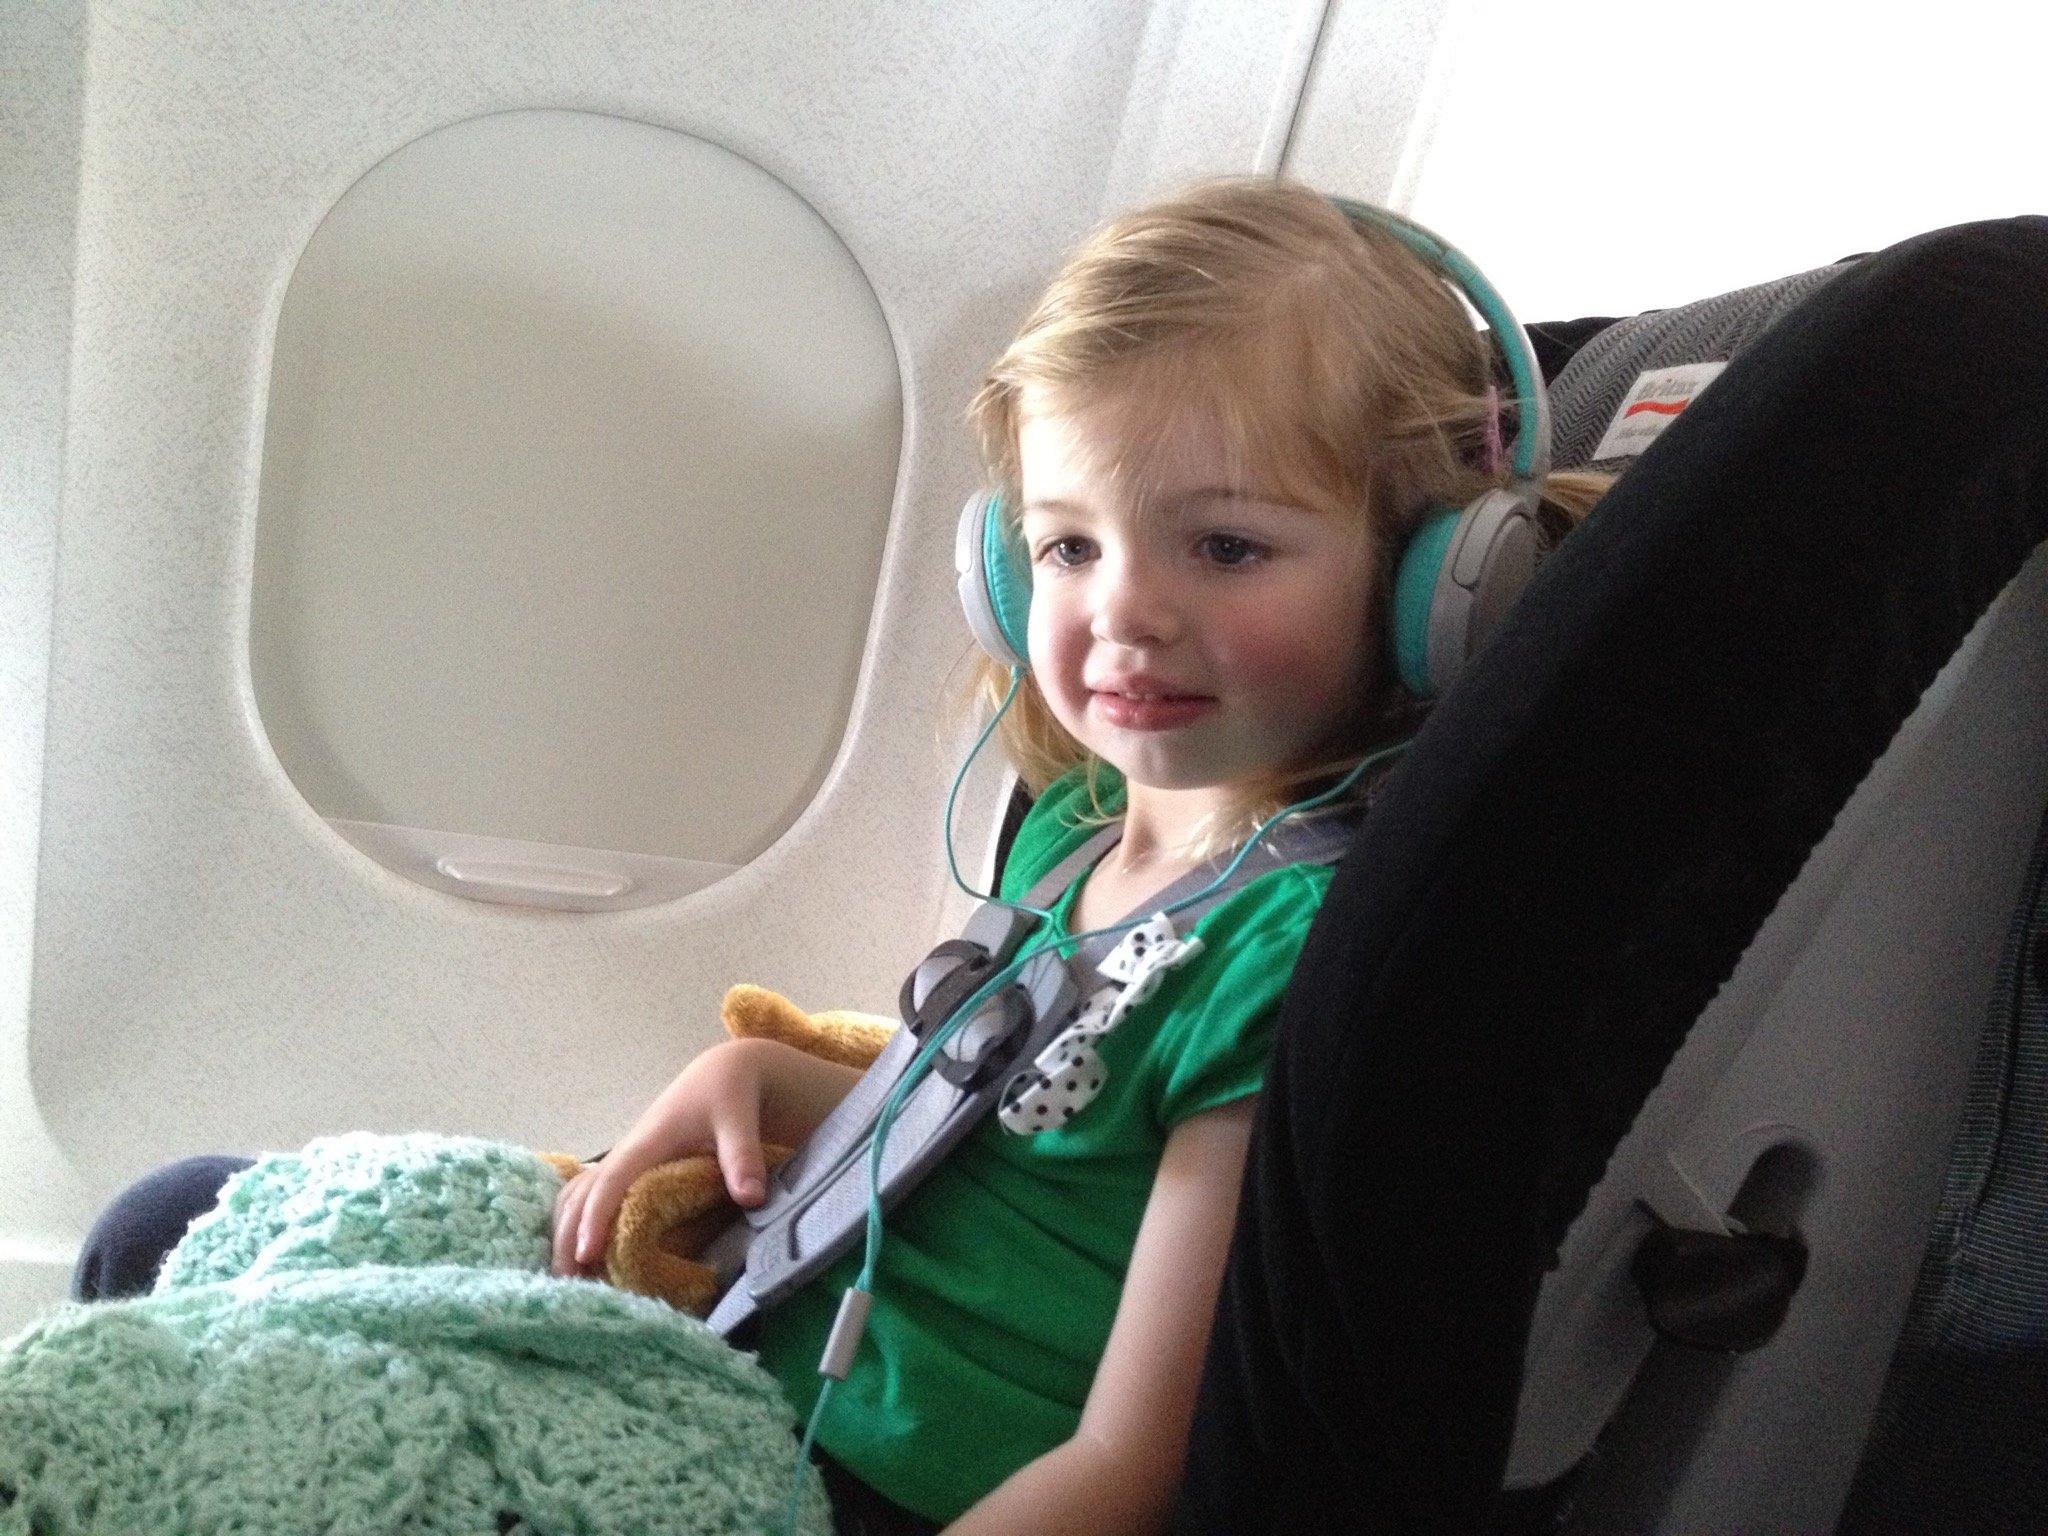 10 نصائح للتغلب على متاعب سفر الاطفال بالطائرة